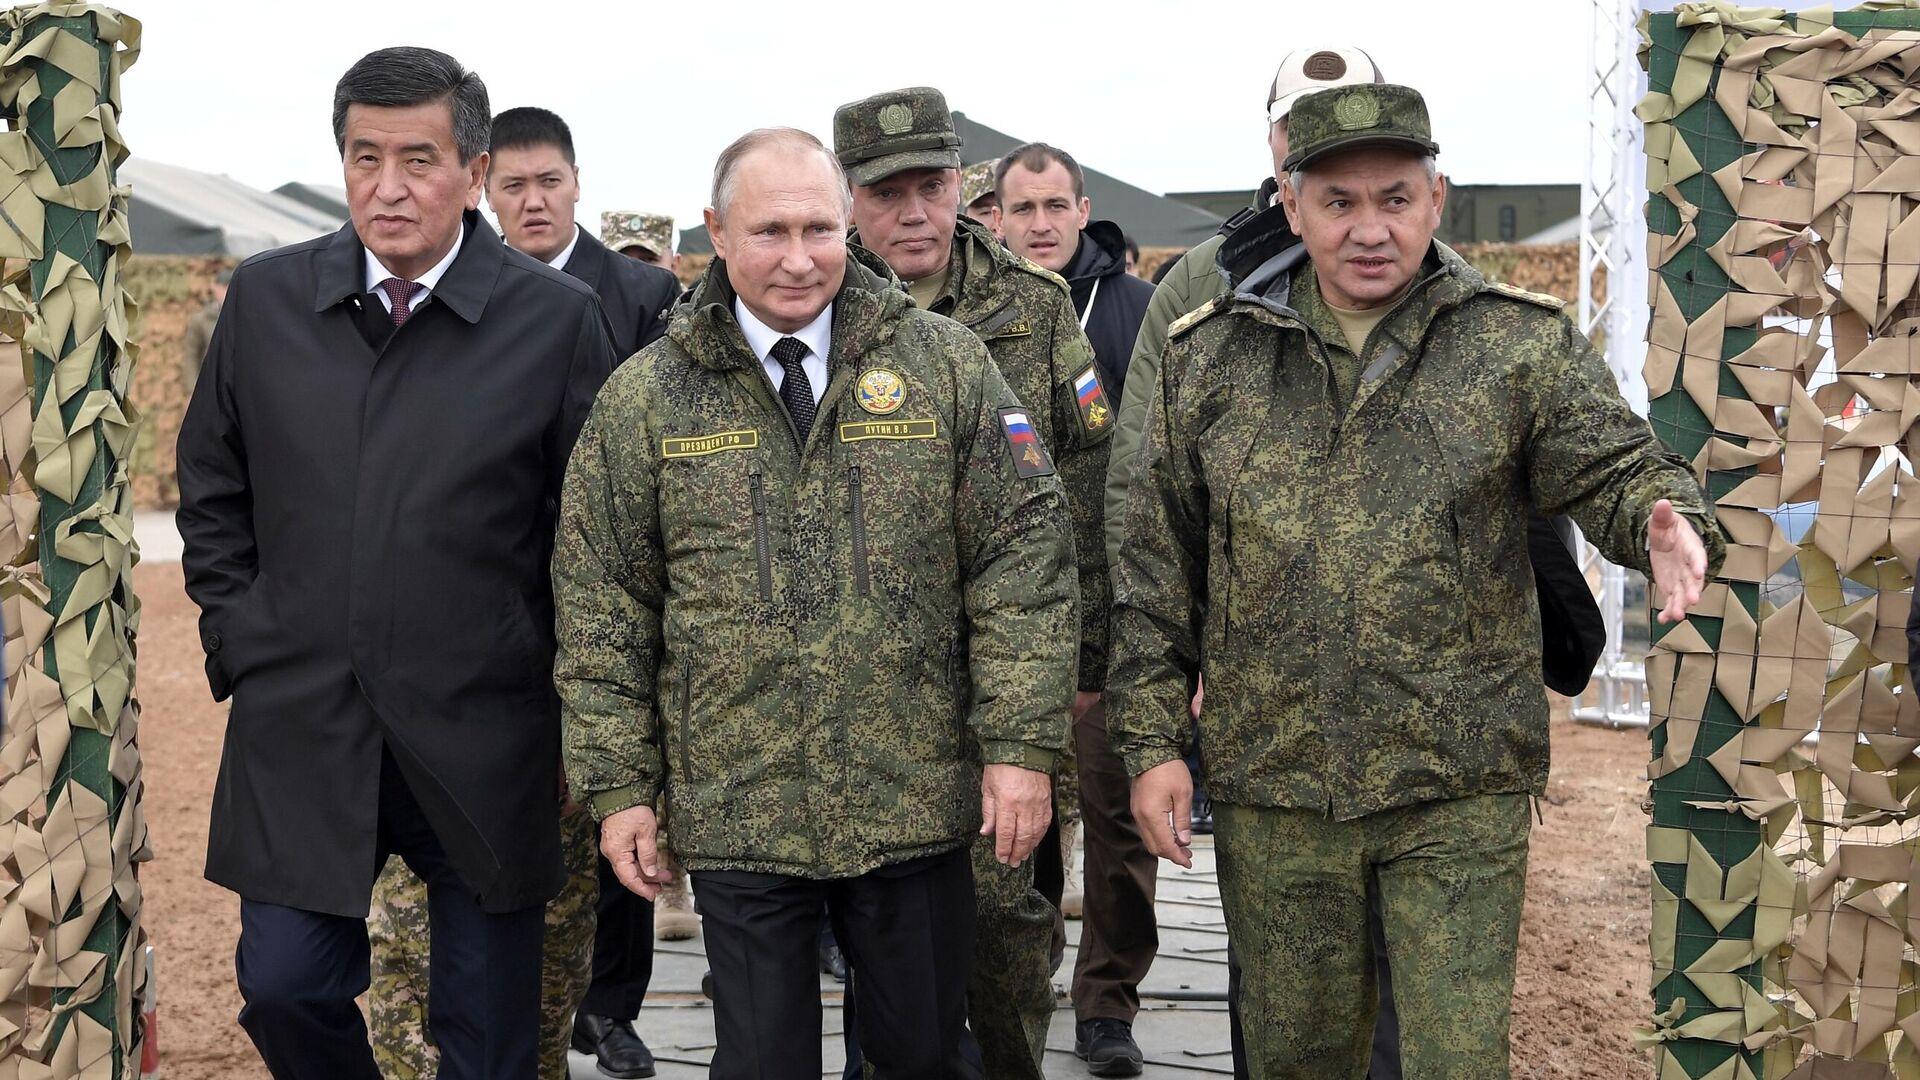 Председник Русије Владимир Путин и министар одбране Сергеј Шојгу - Sputnik Србија, 1920, 13.09.2021